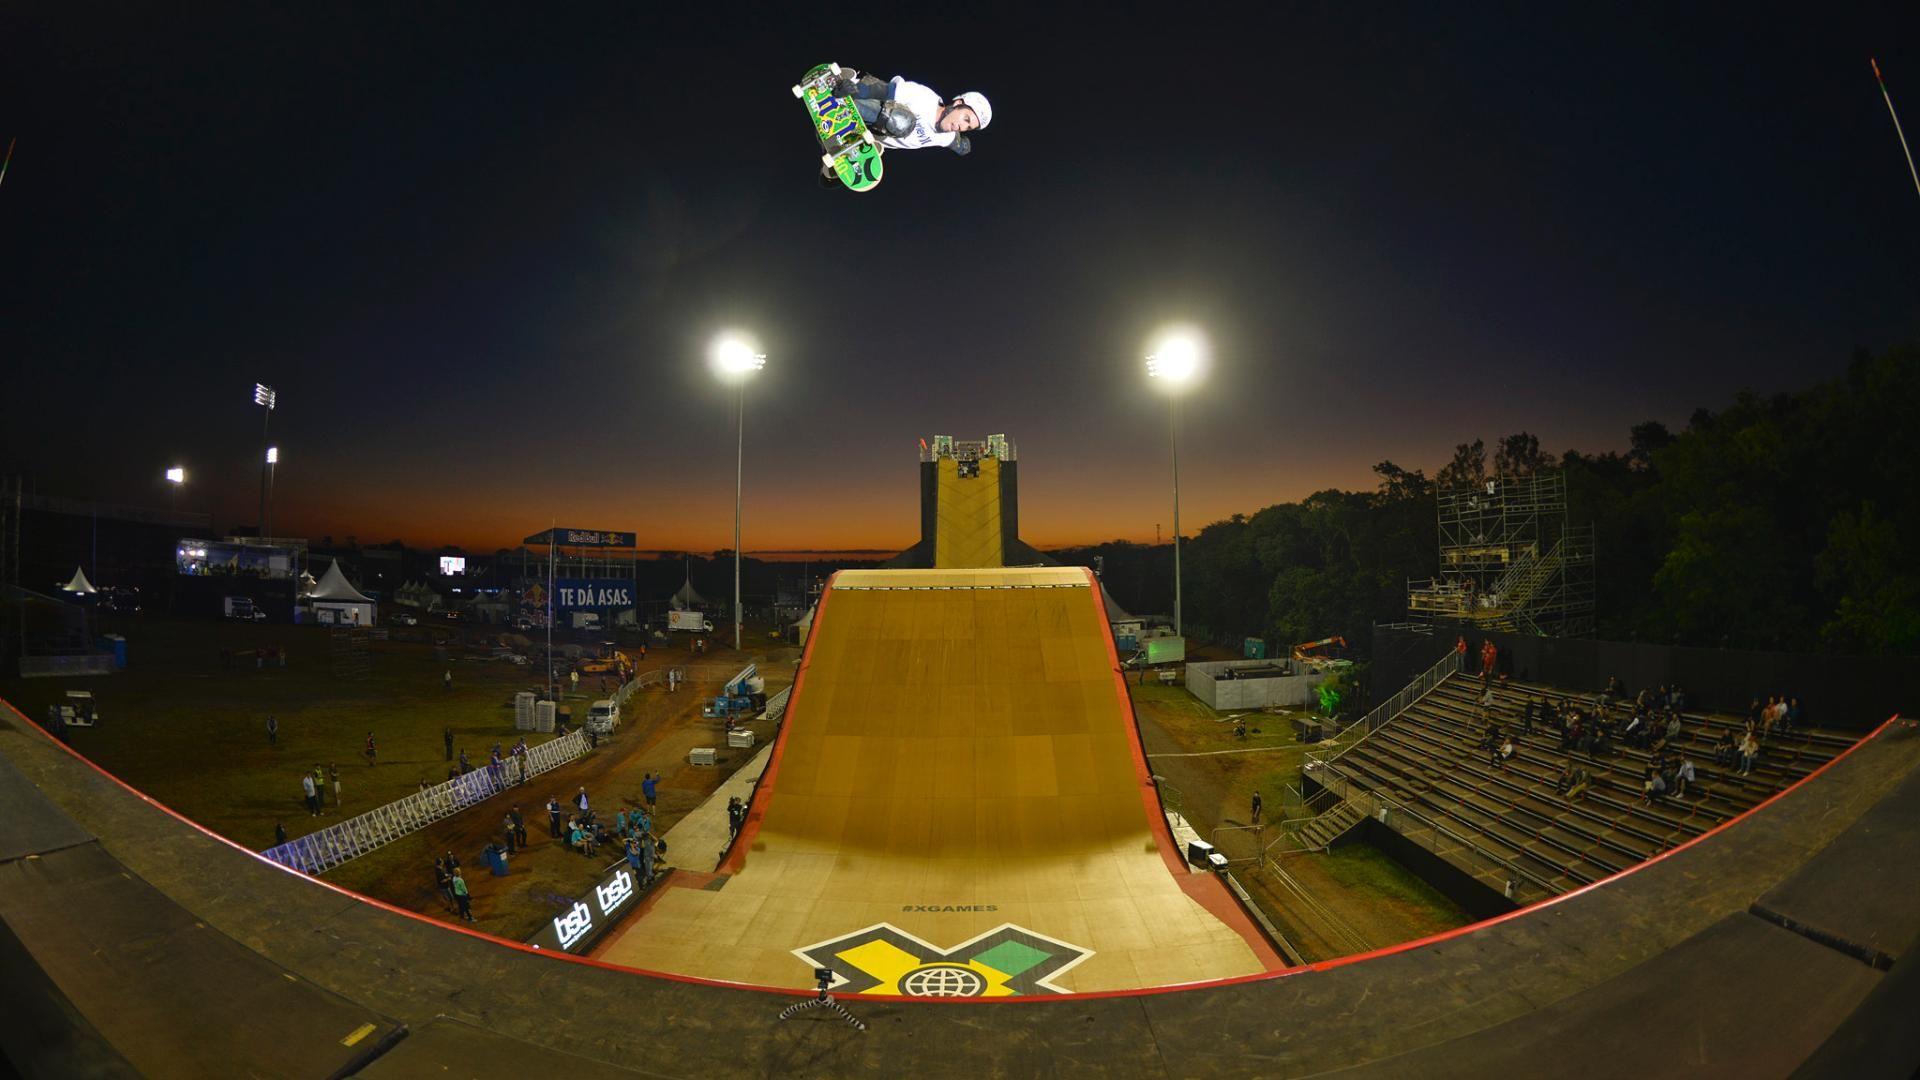 Treino Skate Big Air nos X Games Foz do Iguaçu - ESPN Video